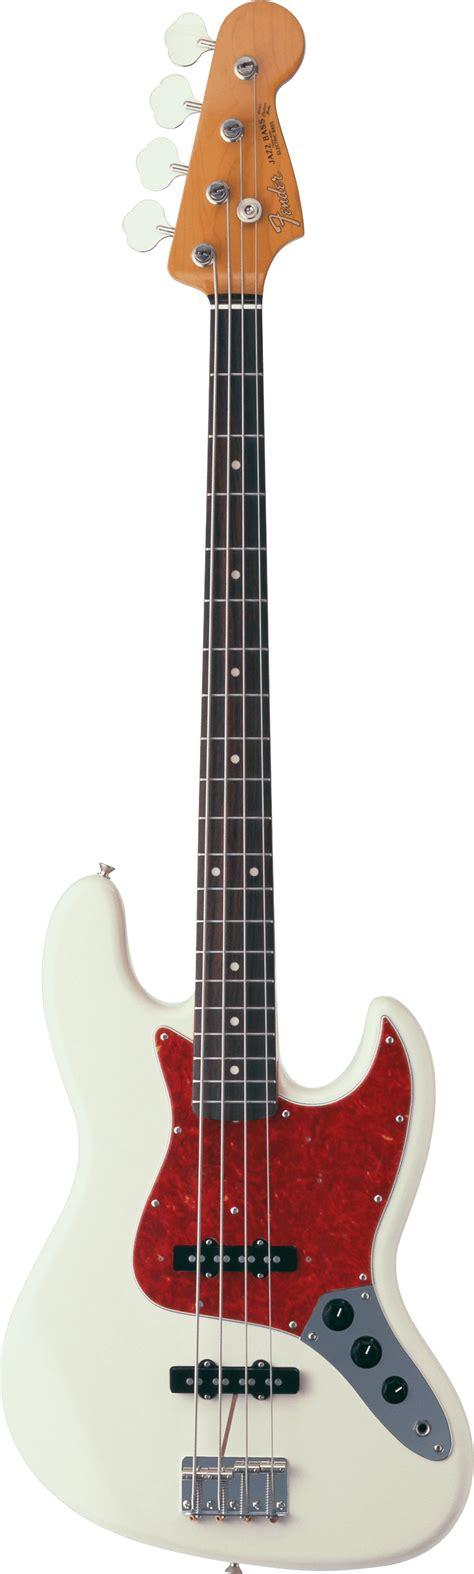 fender jazz bass guitar transparent png stickpng